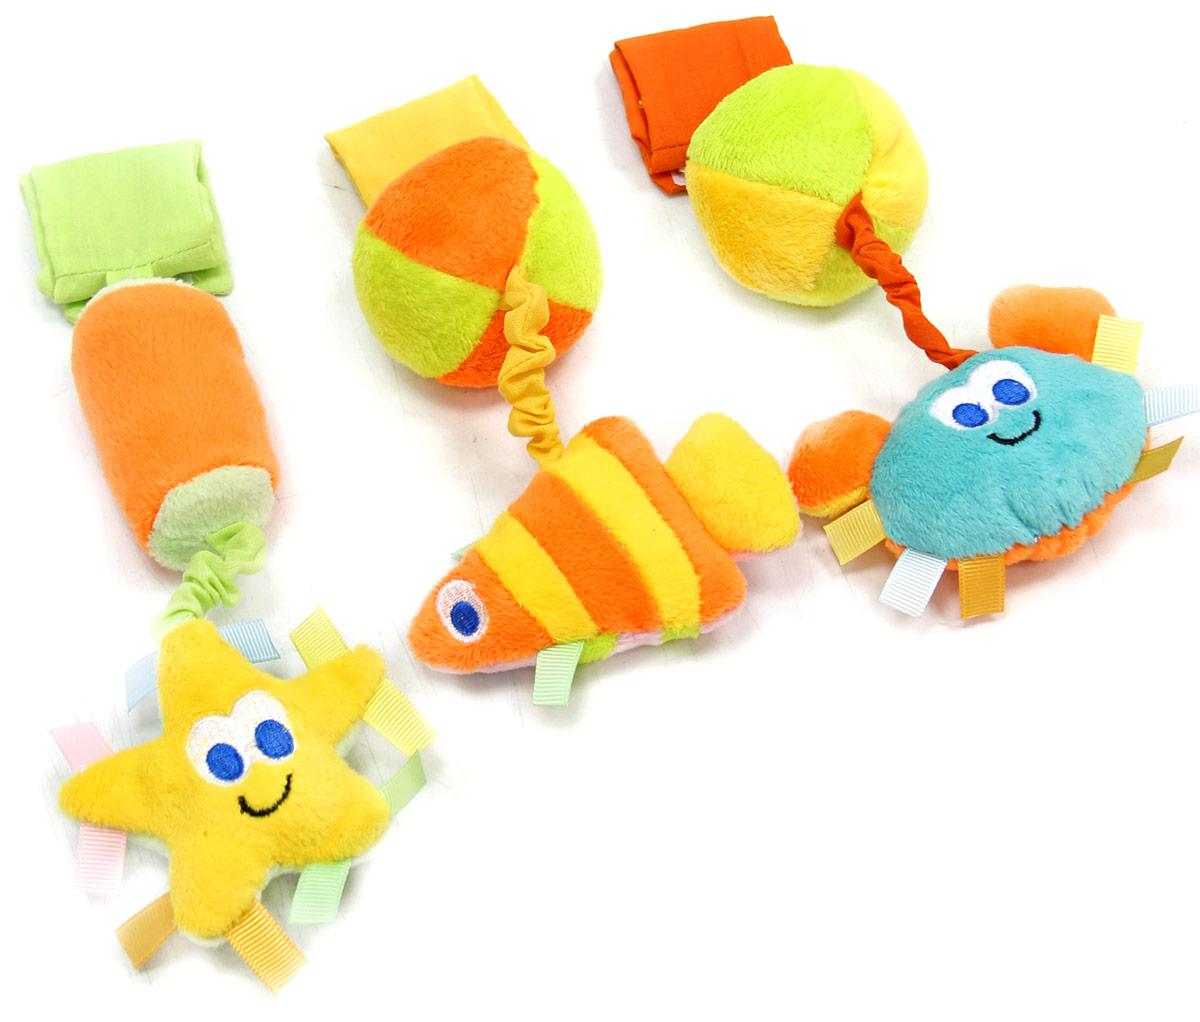 Mara Baby Игрушка-подвеска Синее мореB-11013Развивающие игрушки учат малыша взаимодействовать с окружающим миром, знакомят со свойствами разных предметов, помогают развивать основные рефлексы (внимание, моторику рук, цветовое восприятие). Развивающая игрушка подвеска Синее море состоит из трех элементов, каждый из них можно по отдельности вешать на кроватку или коляску при помощи липучки. Рыбка шуршалка с шариком погремушкой, Звездочка пищалка с бочонком погремушкой, Крабик пищалка с шариком погремушкой. Игрушка привлекает внимание и способствует развитию слуха и зрения.